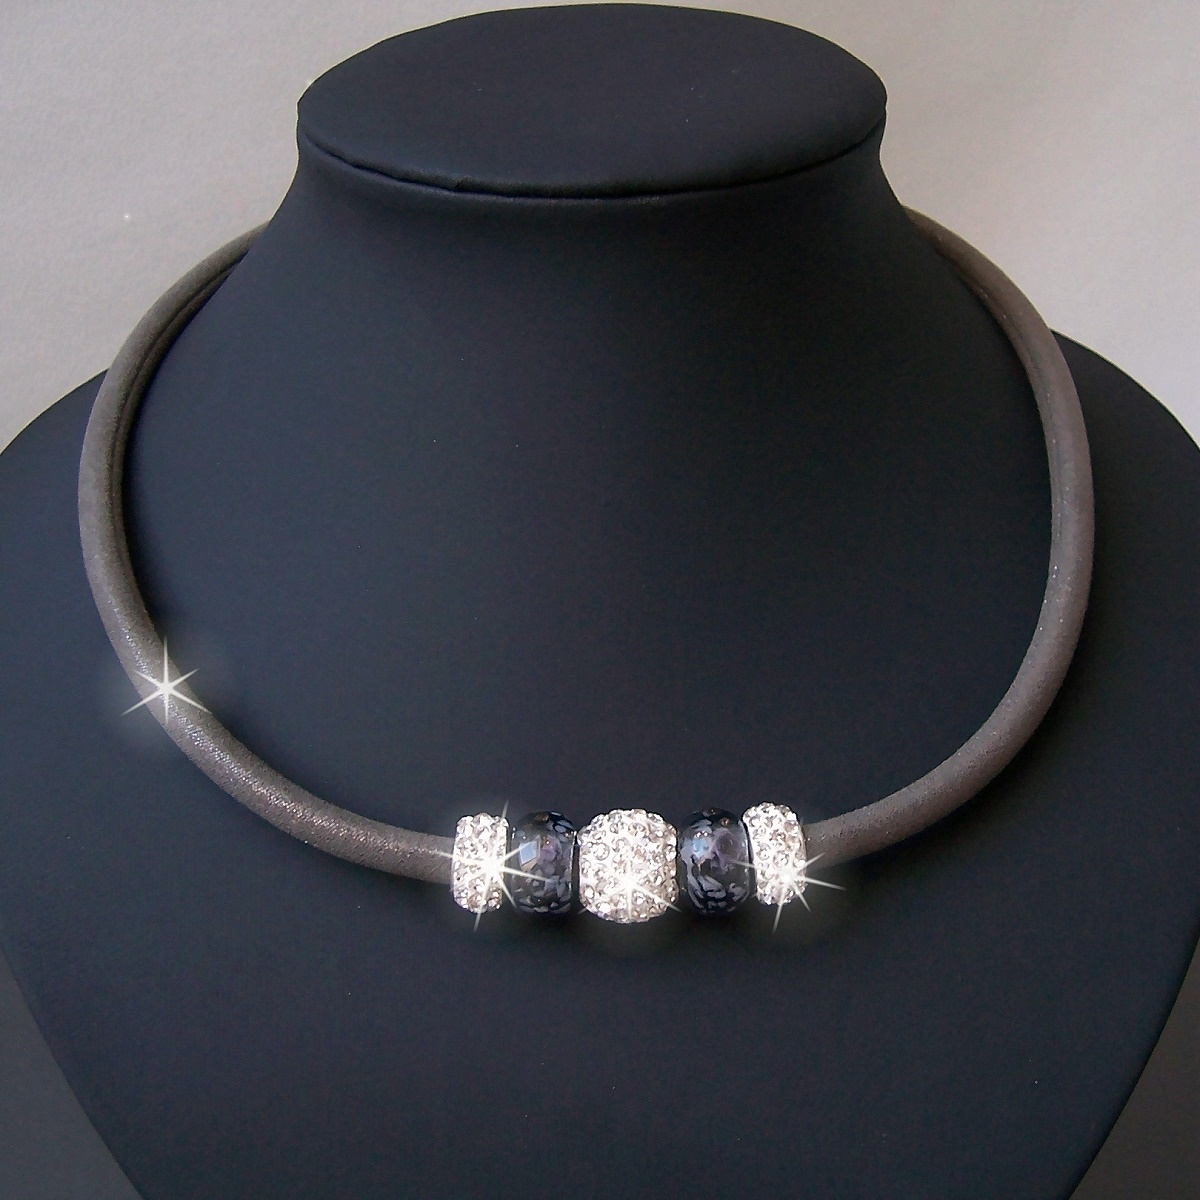 K1662# Collier Kette Satin Glitzerstoff schlamm Shamballa Perlen